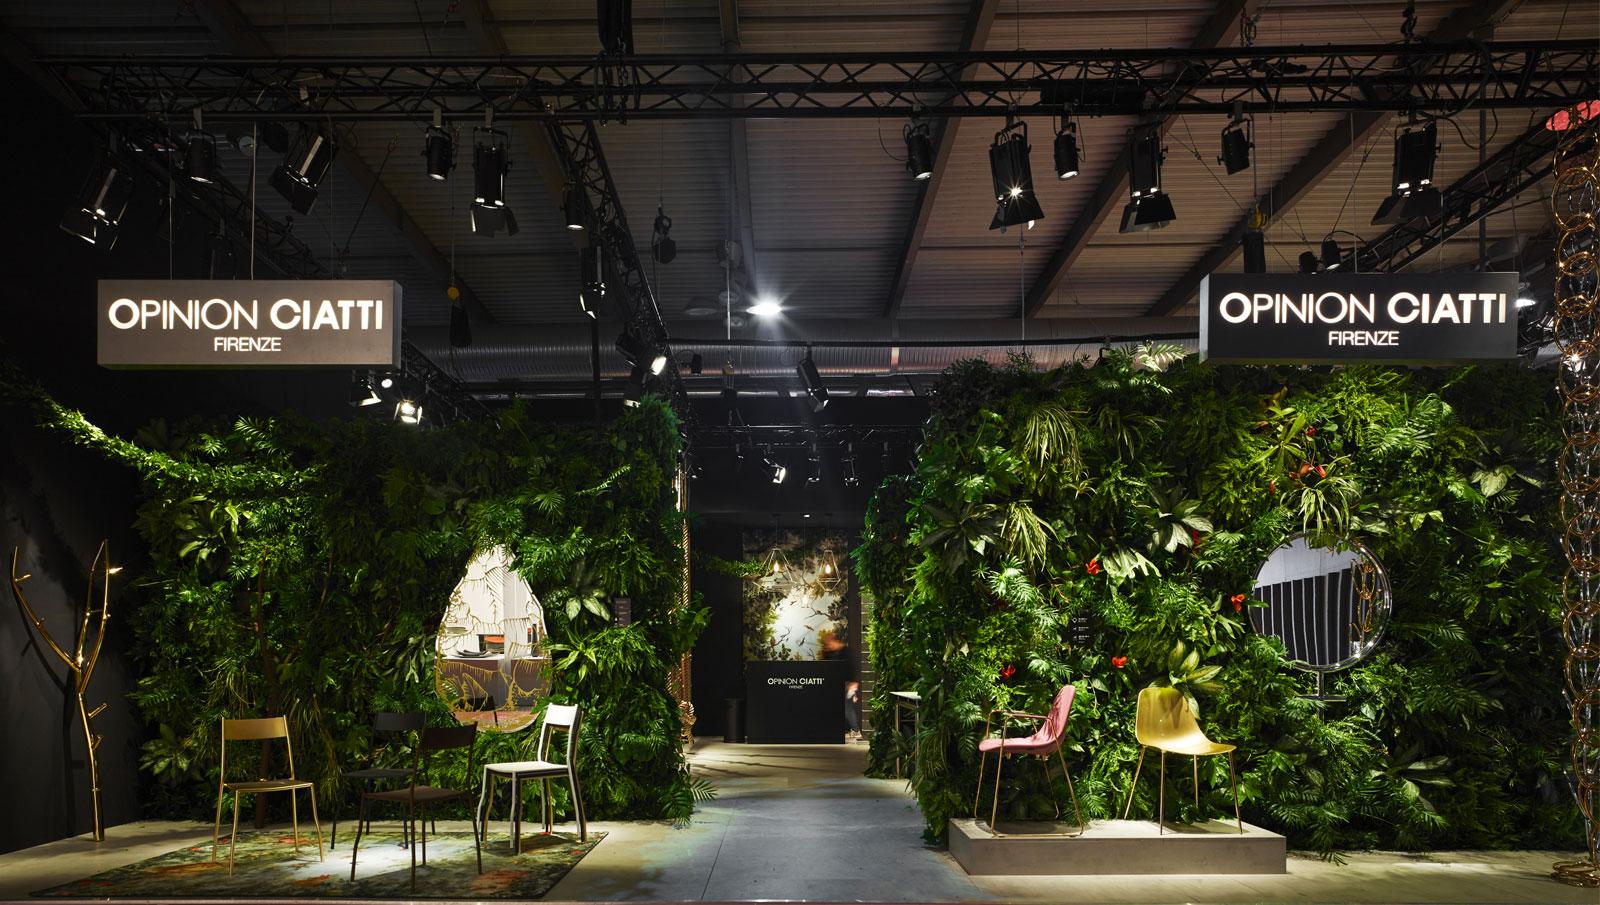 Opinion Ciatti at the Salone Internazionale del Mobile 2019